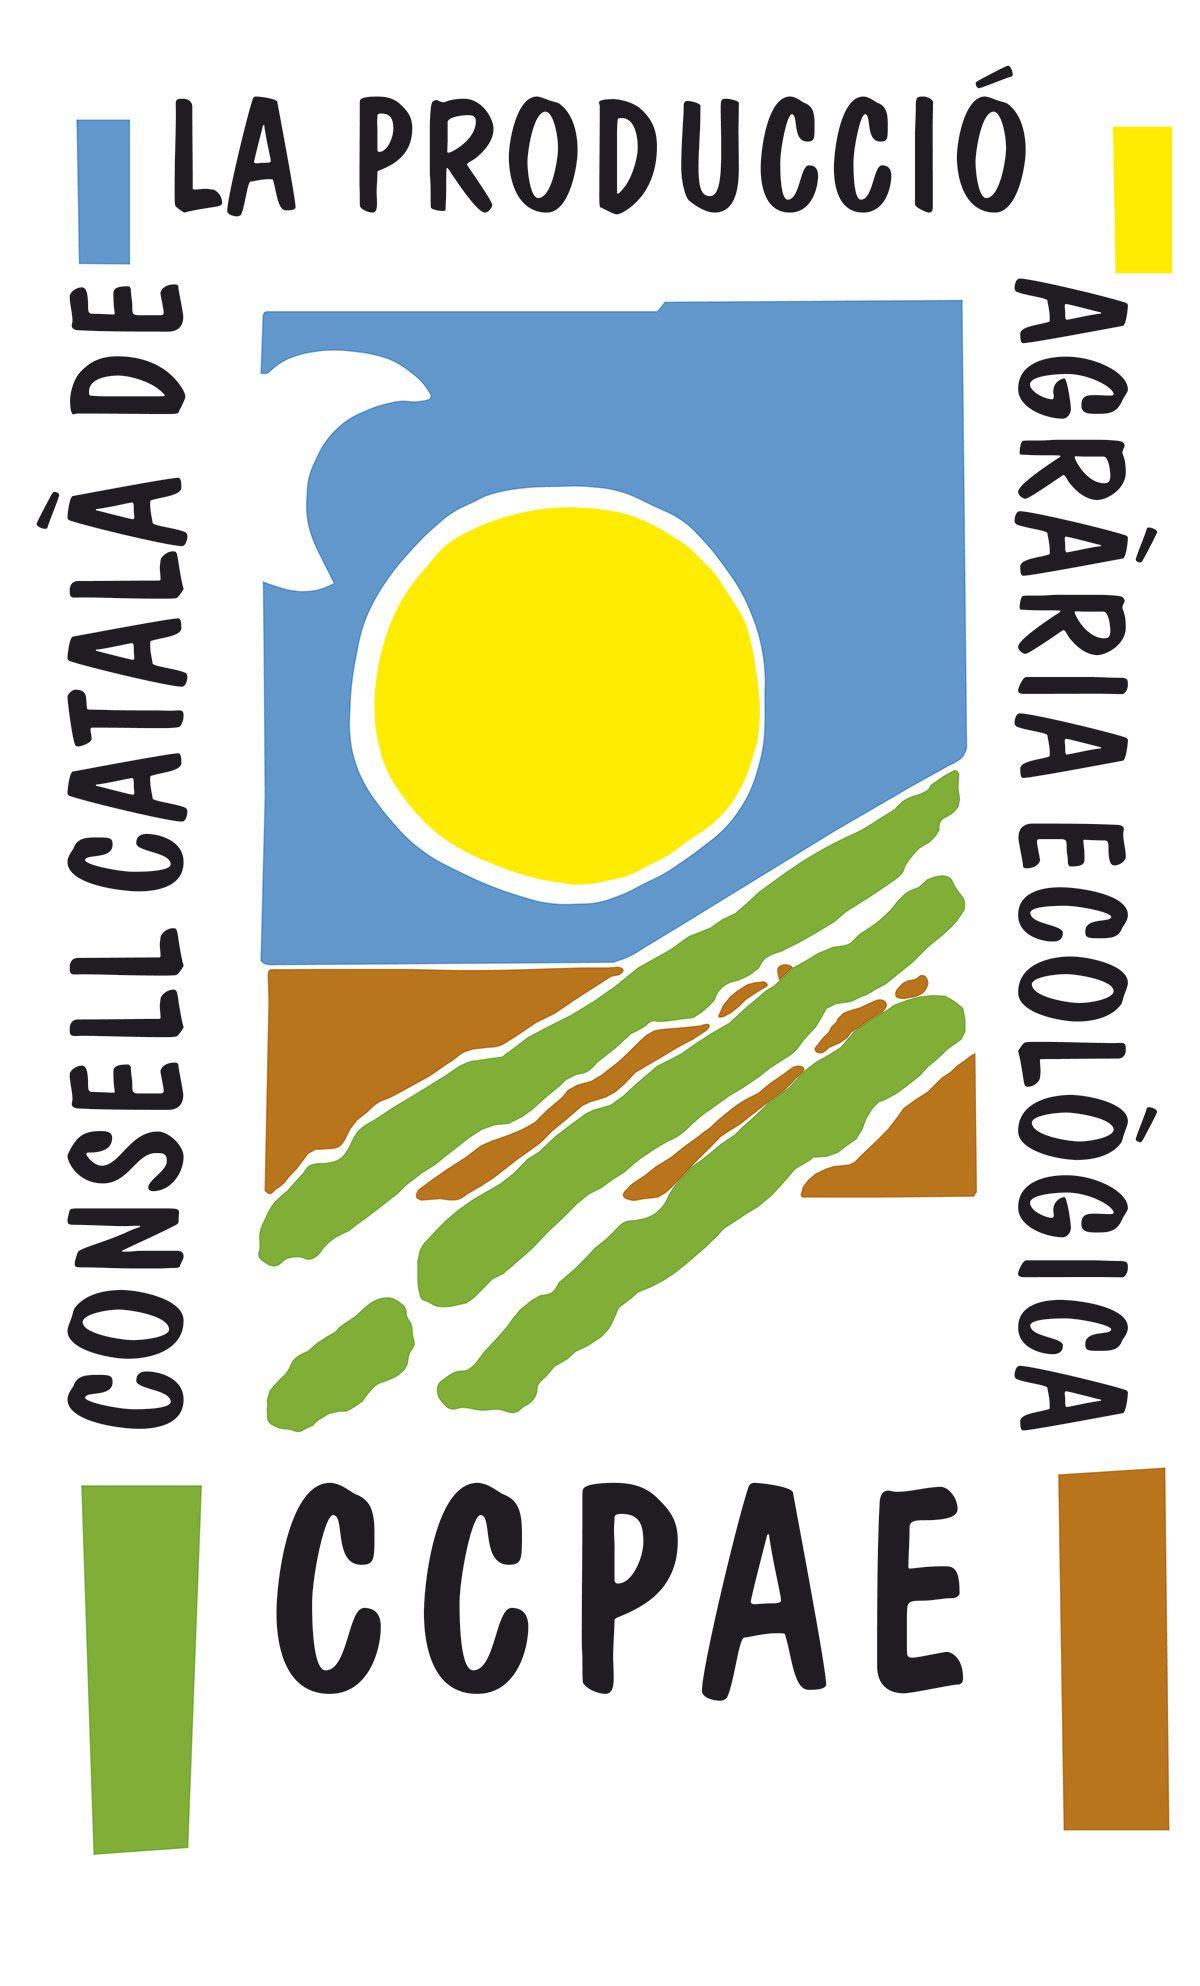 25 años certificando los alimentos ecológicos de Cataluña